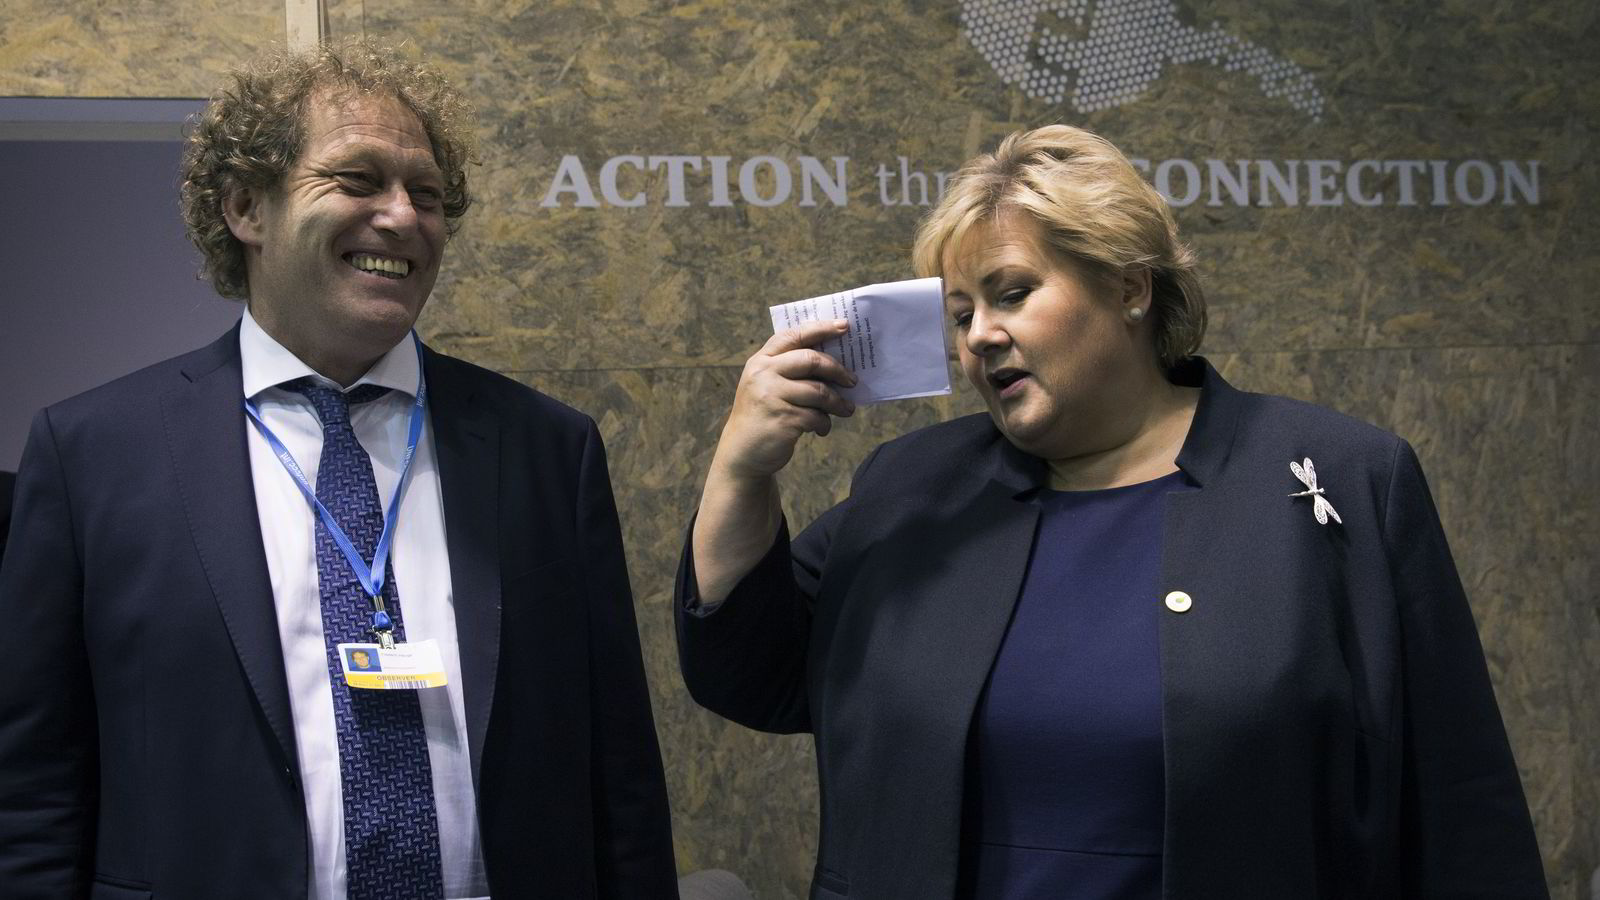 Bellonas grunnlegger og faglige leder Frederic Hauge og statsminister Erna Solberg (H) under åpningen av FNs klimatoppmøte i Paris. Regjeringen støtter studien av mulighetene for en Sahara Forest Project-satsing i Tunisia. Foto: Berit Roald /